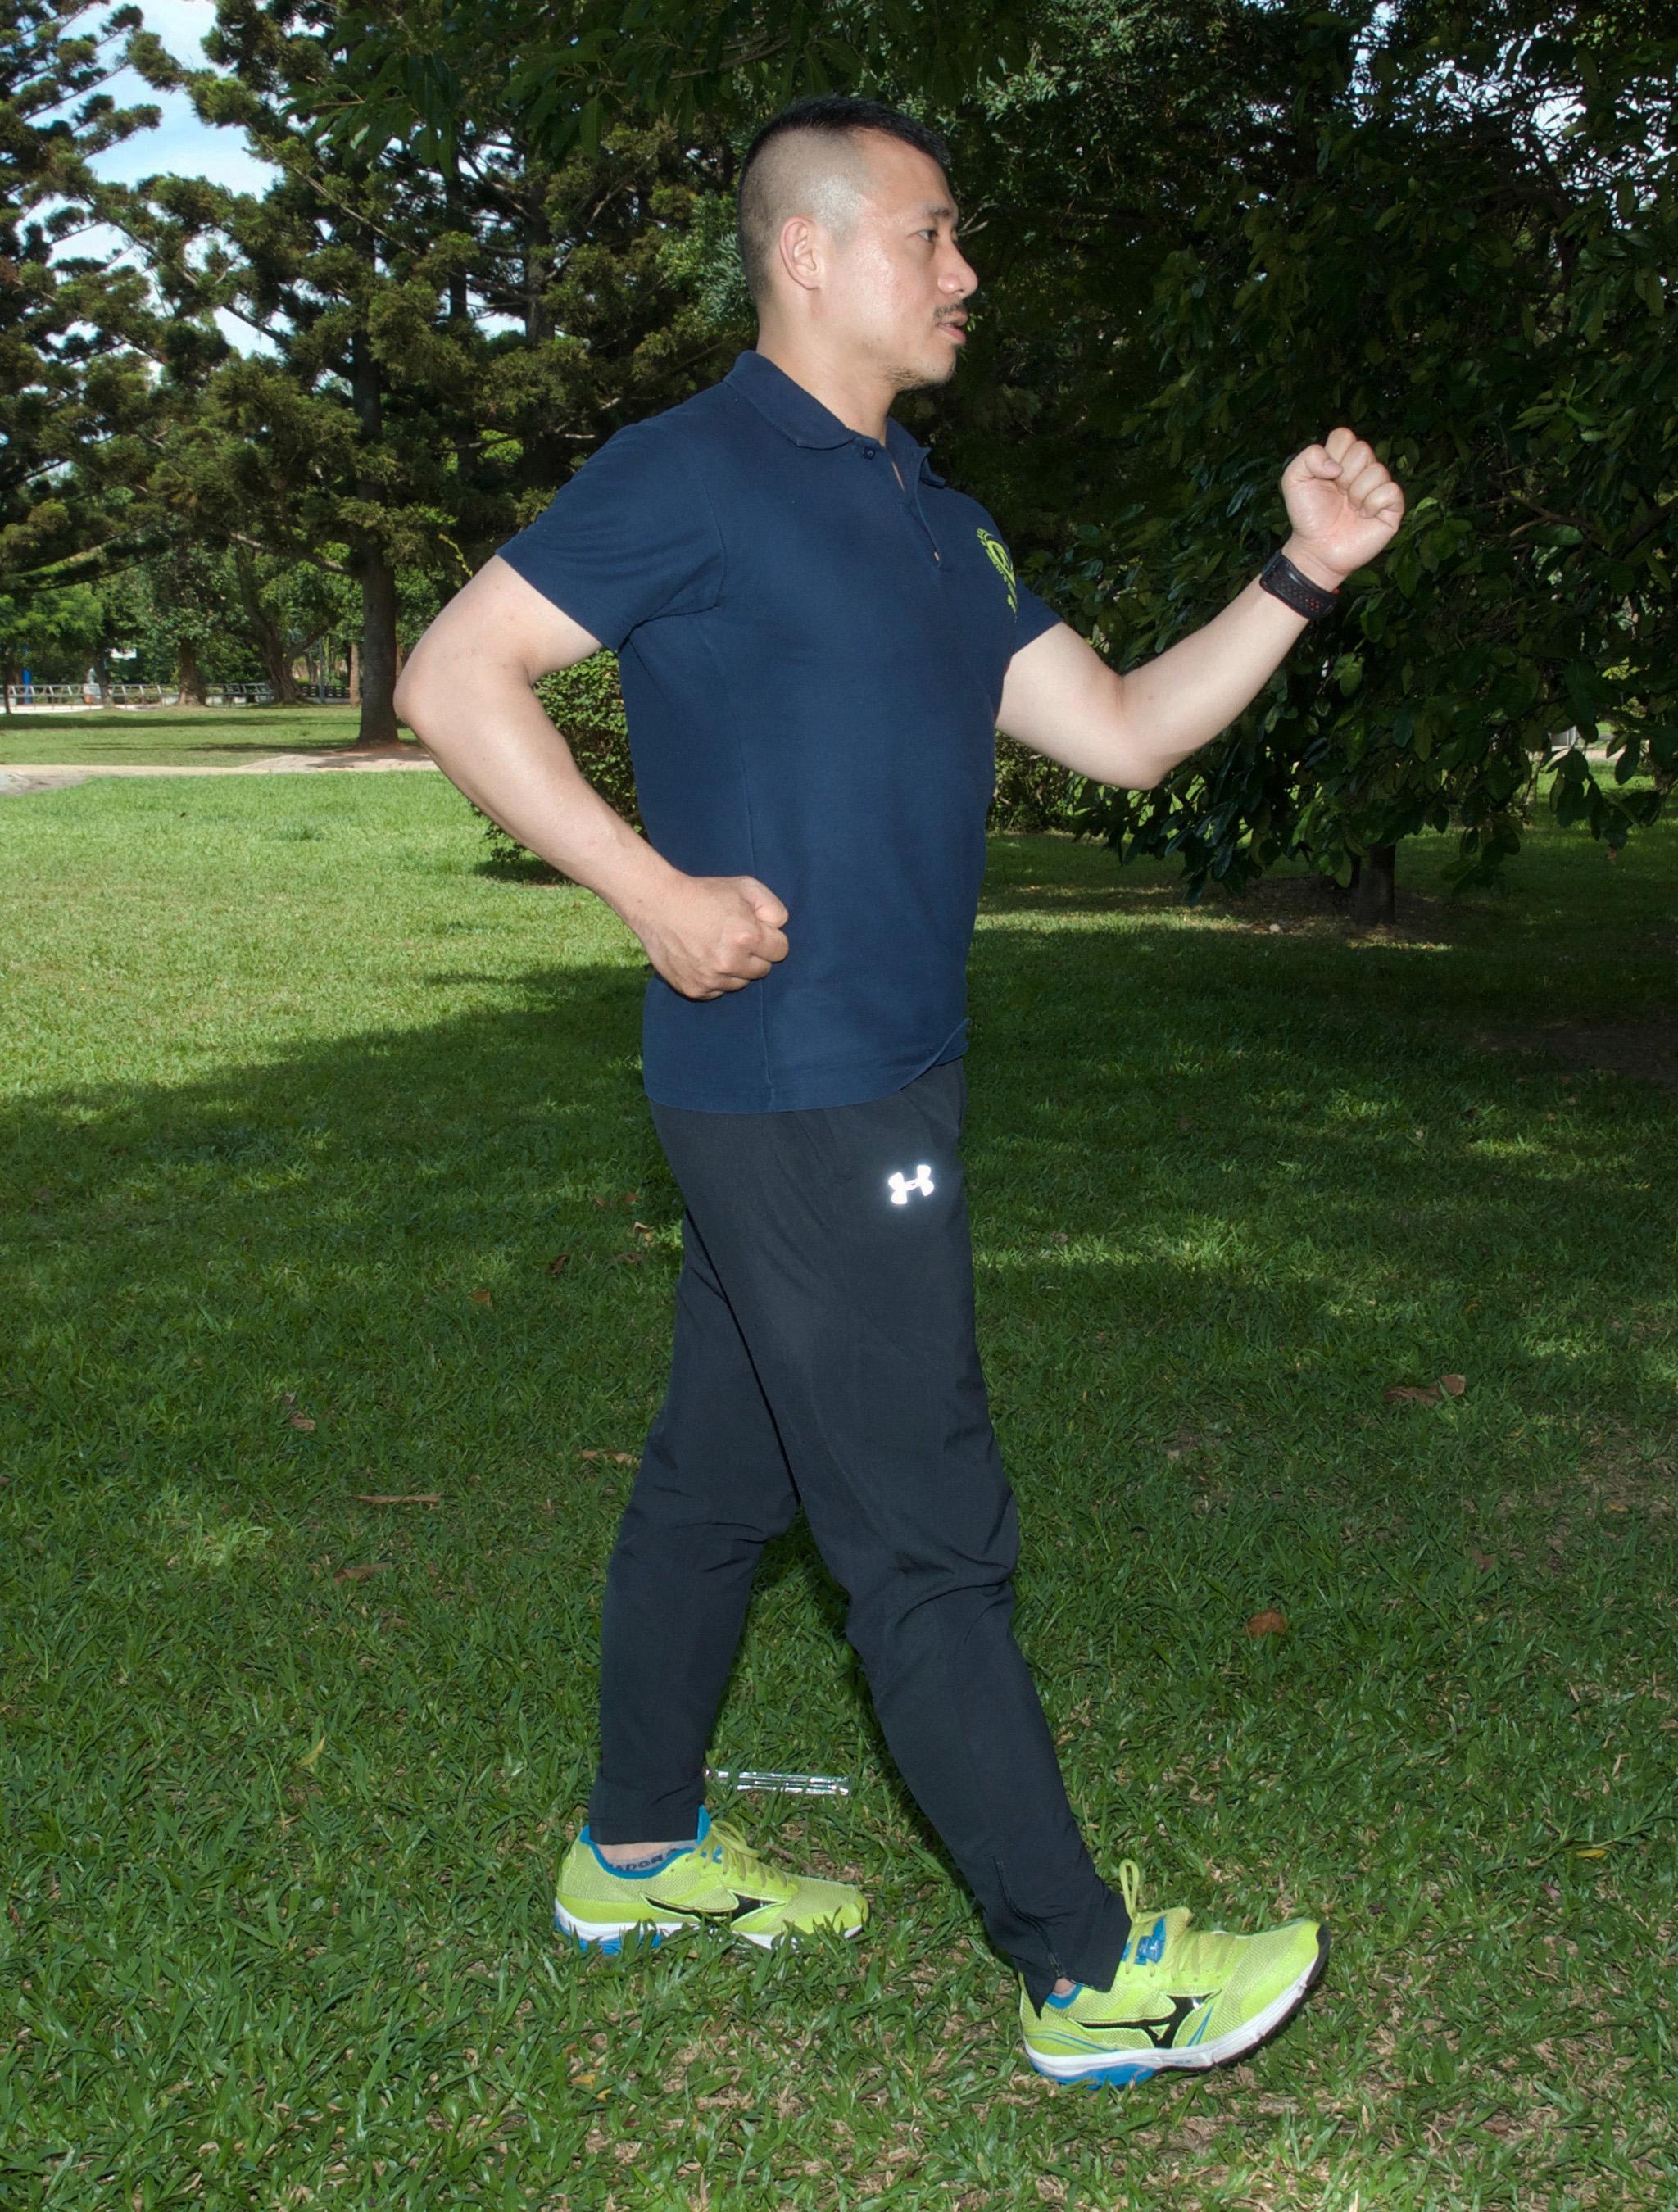 體適能健走,手肘需彎曲約九○度角,前後擺動時,前擺拳頭不高過胸部。後擺拳頭位於腰部高度。